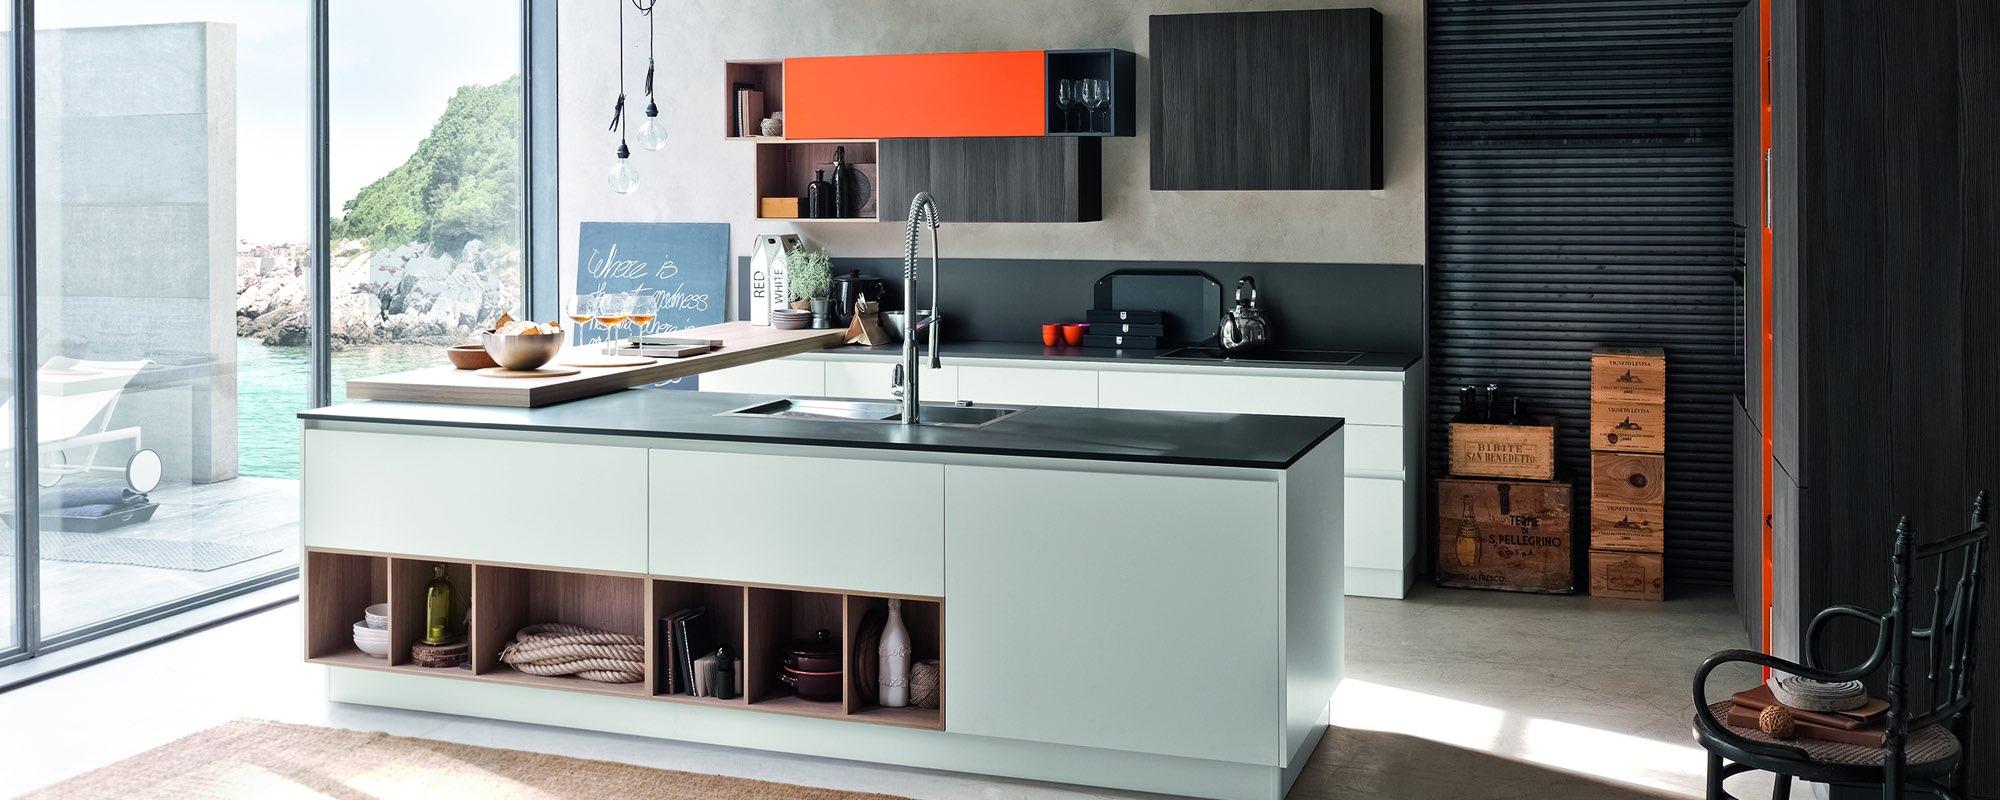 stosa-cucine-moderne-replay-98 | Cucine Cagliari Stosa moderne ...